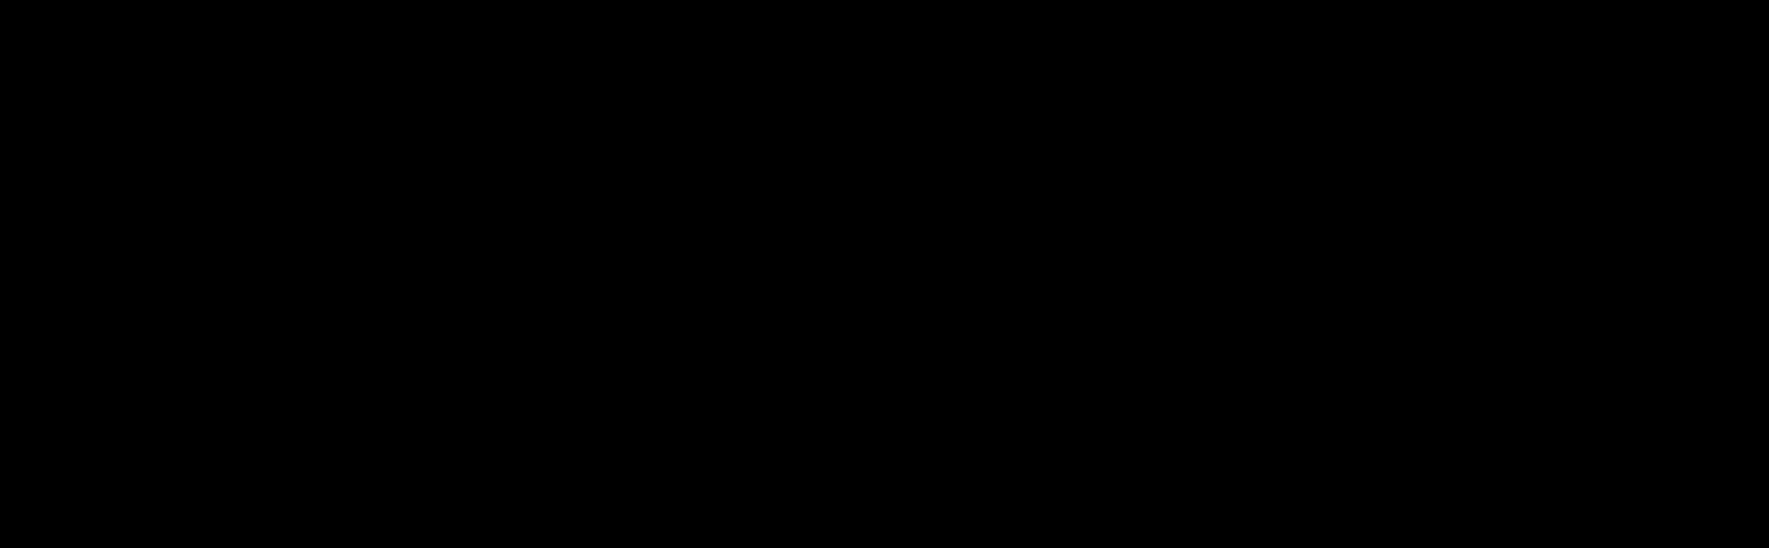 3-β-D-Glucopyranosyl isoferulic acid